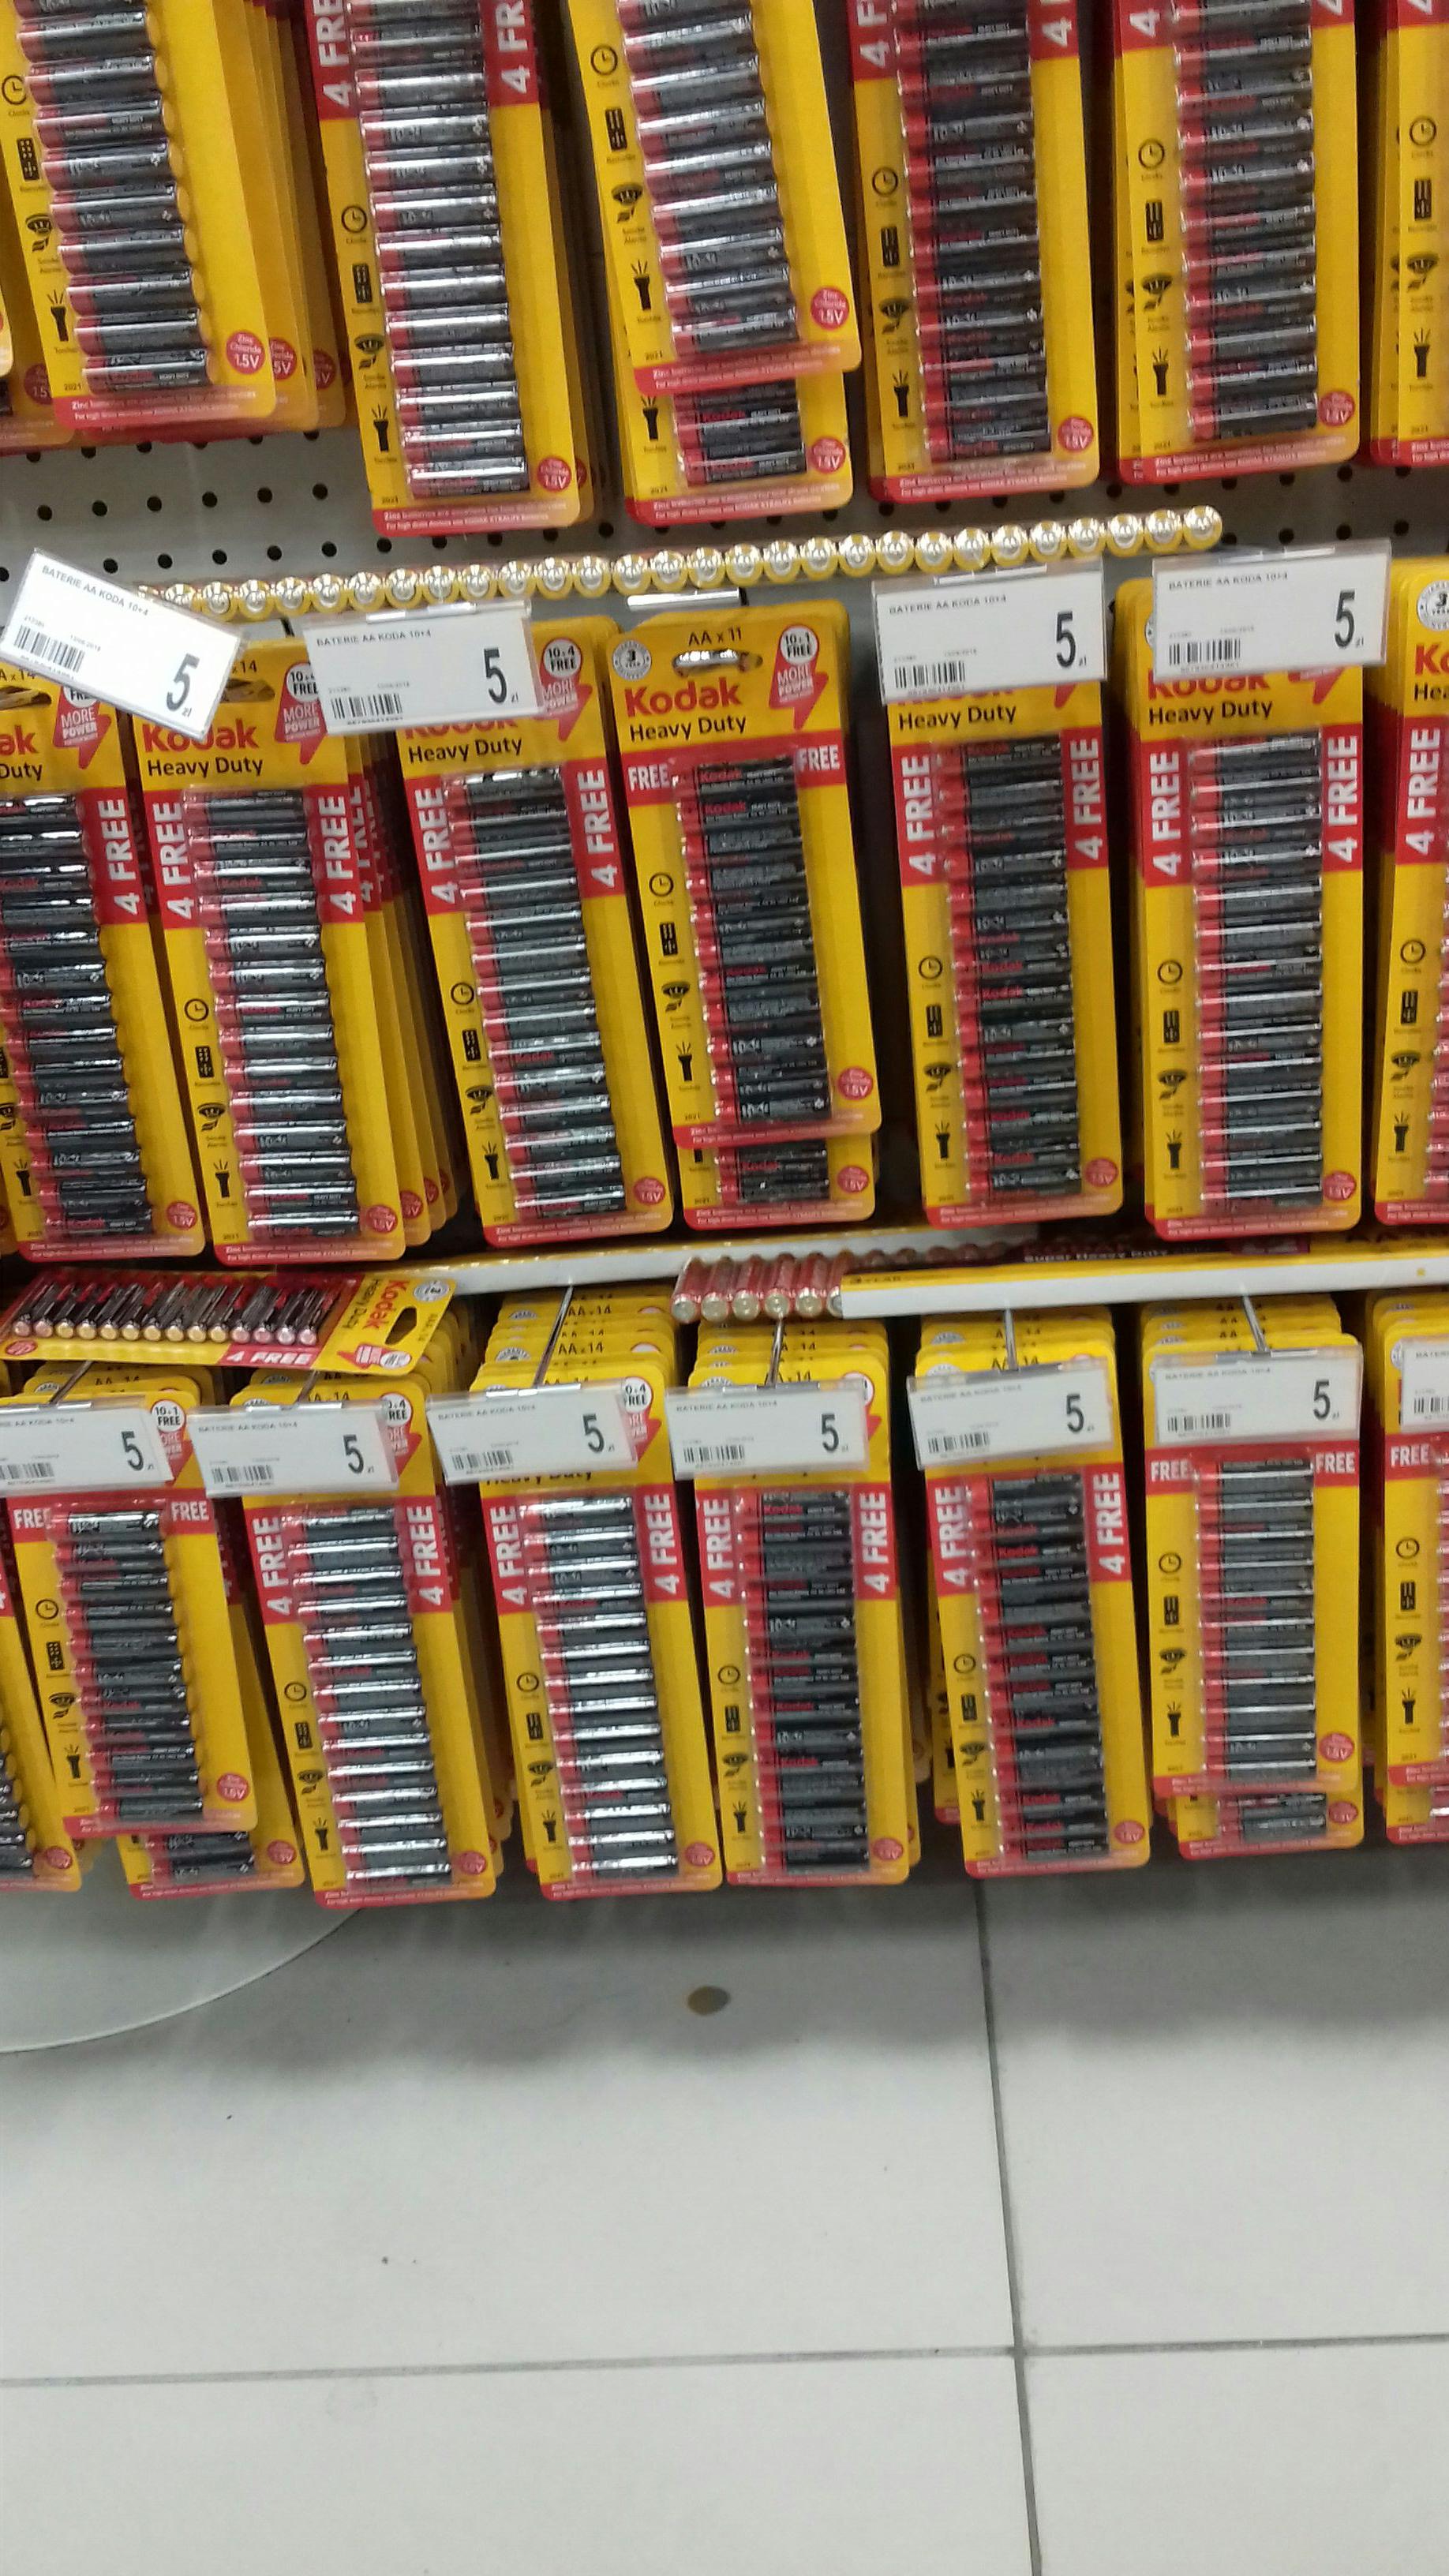 Baterie AAA i AA 14 sztuk za 5zl w sklepie dealz  w king kros poznań